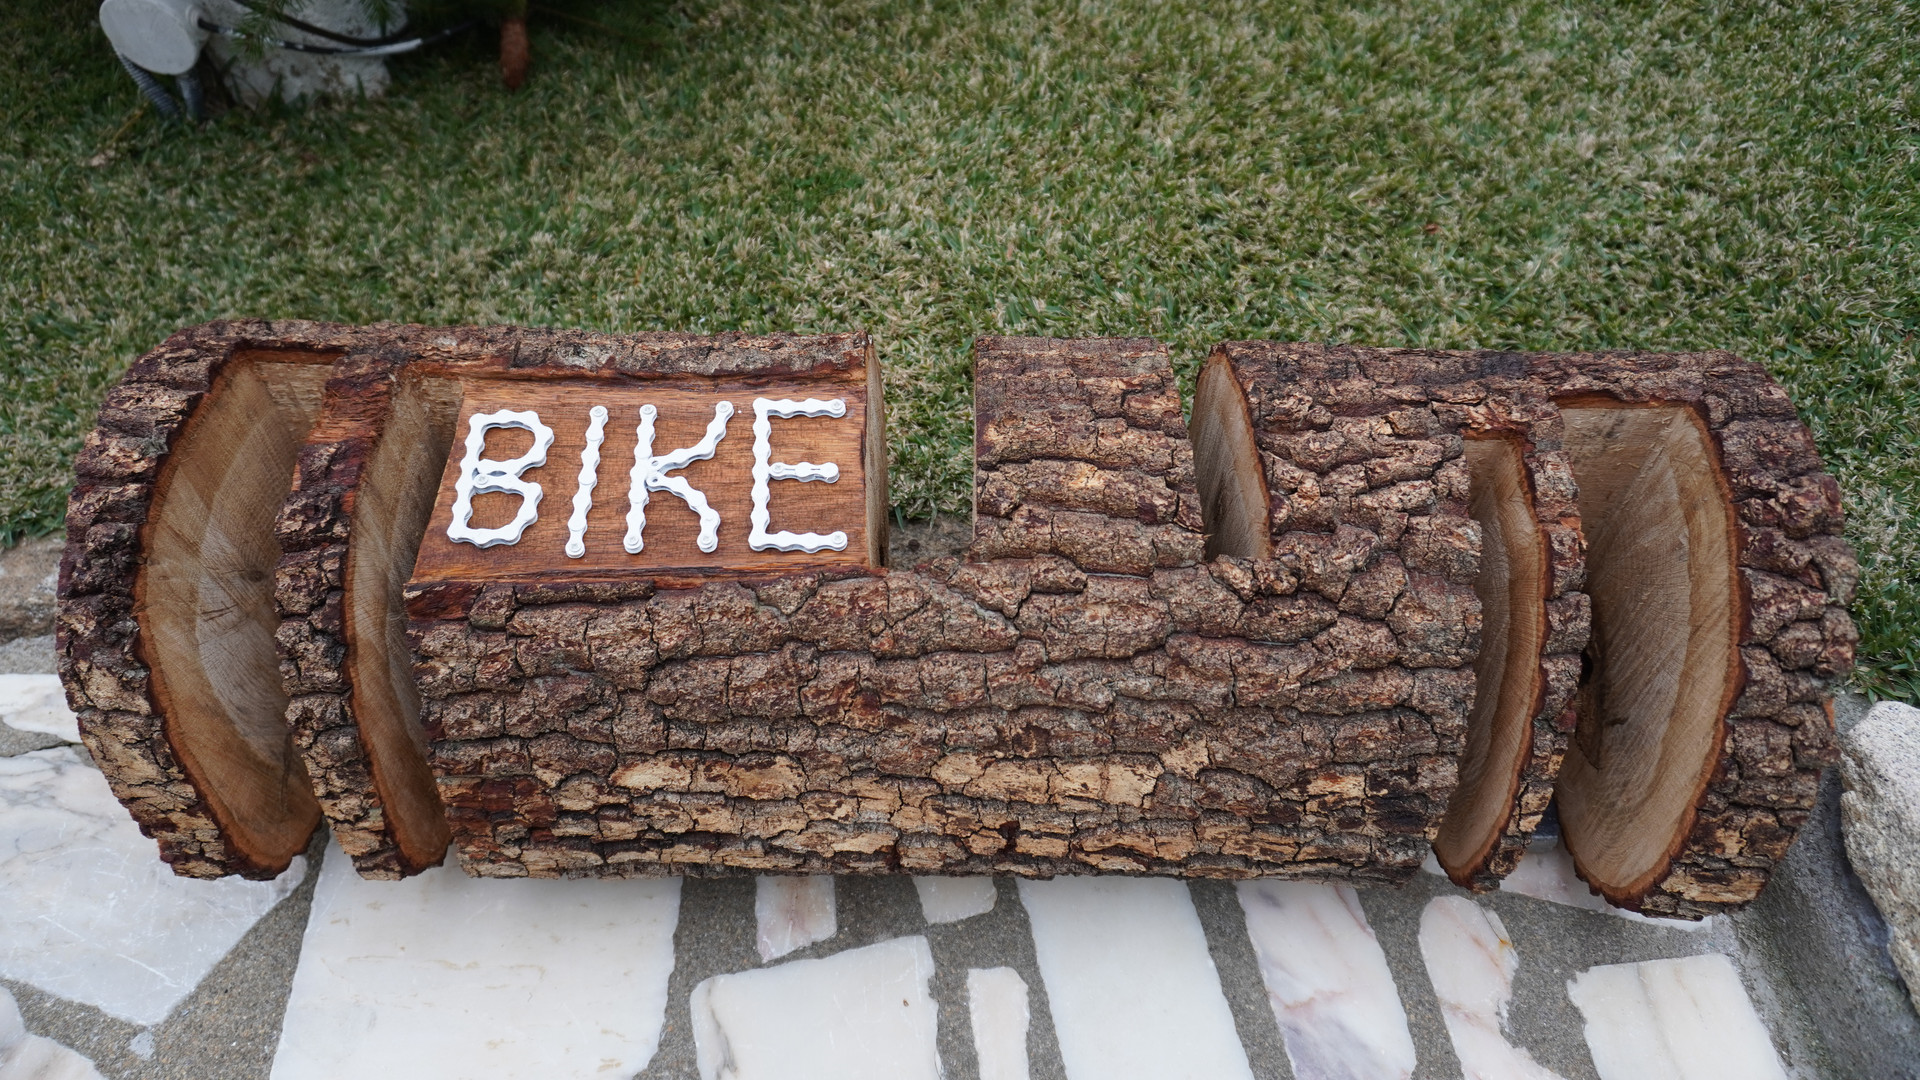 Suporte em madeira de carvalho para parquear bicicletas de BTT (3) e bicicletas de estrada (3)